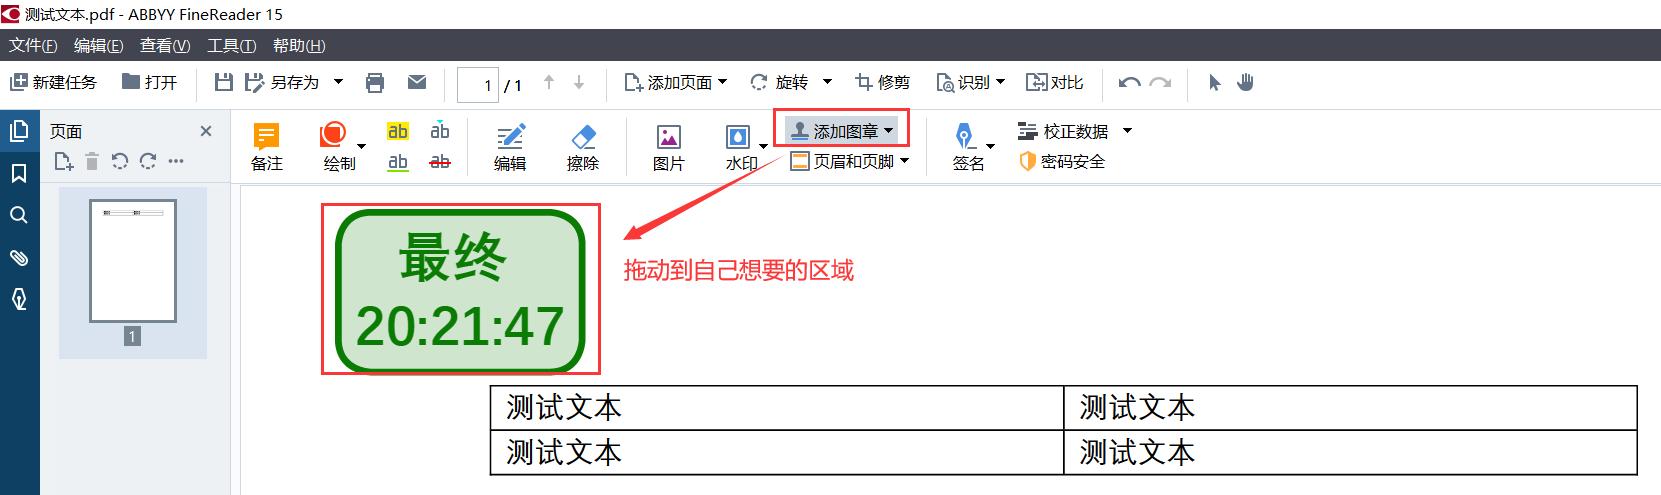 图三:使用ABBYY Finereader 15为PDF文档添加图章